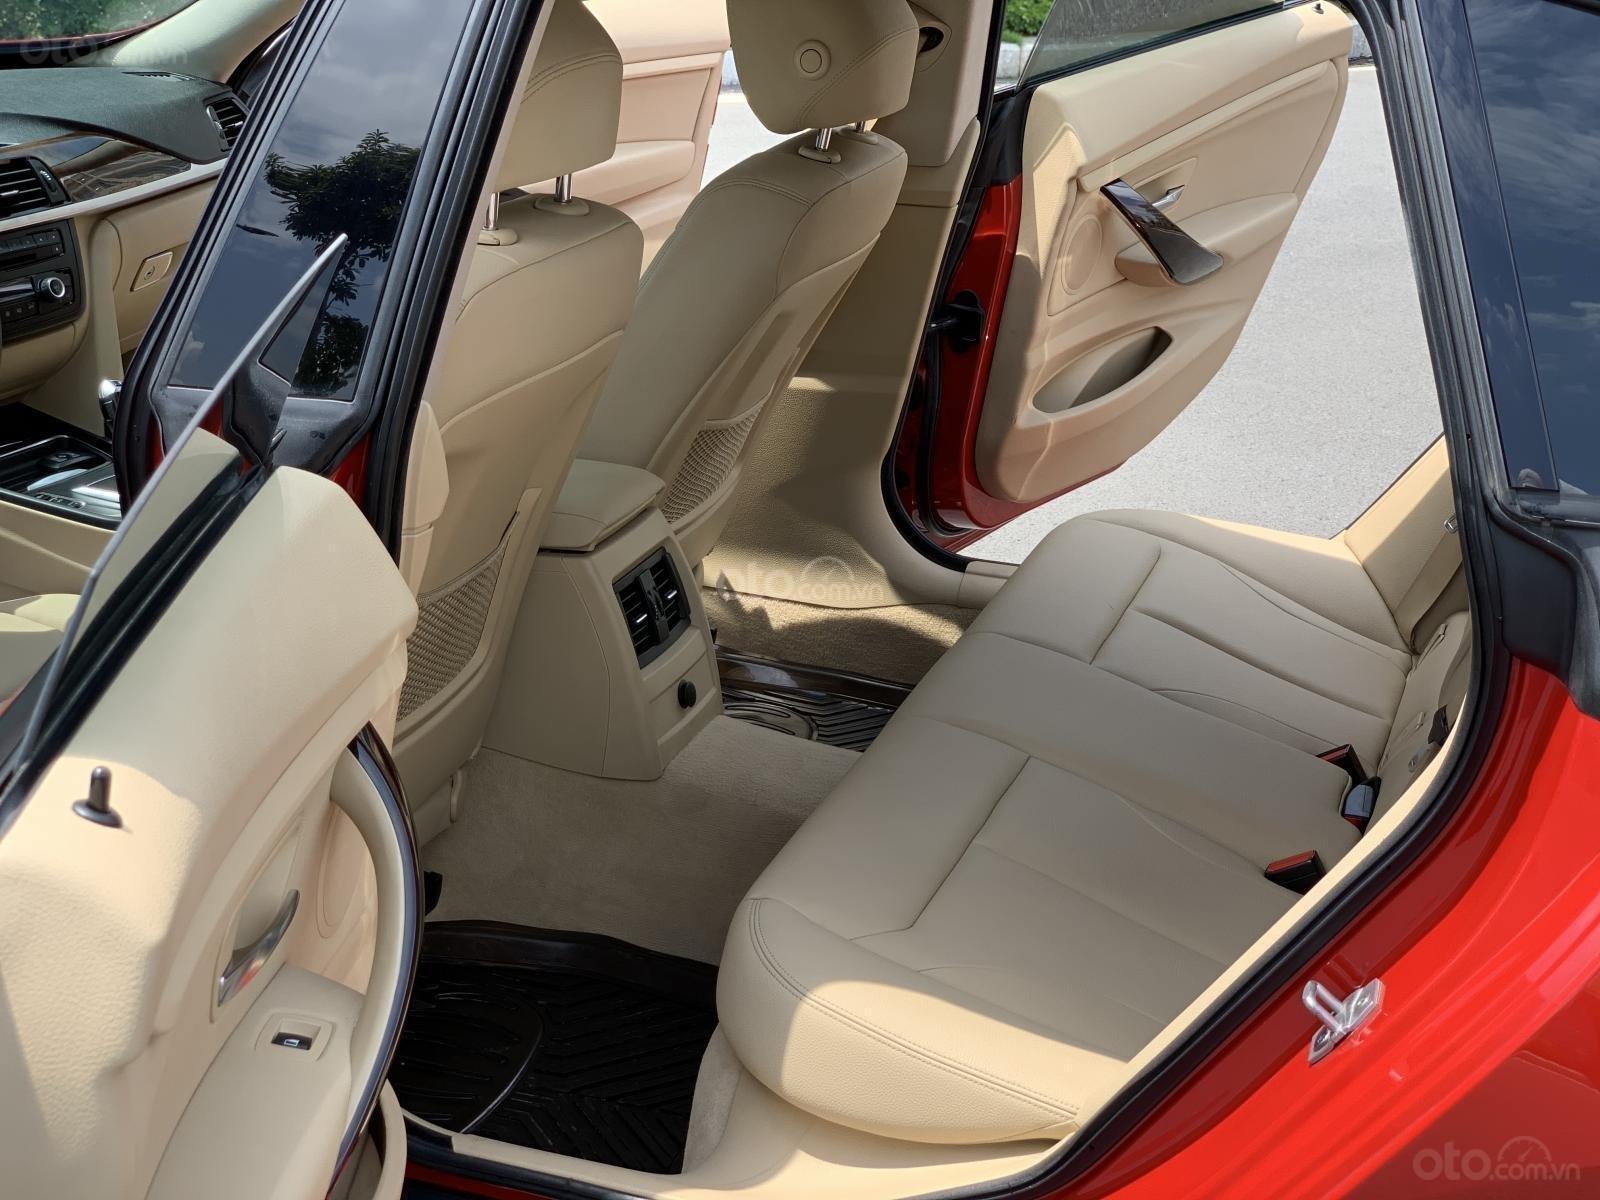 Cần bán BMW 3 Series 328i GT năm sản xuất 2015, màu đỏ/kem nhập khẩu nguyên chiếc (14)